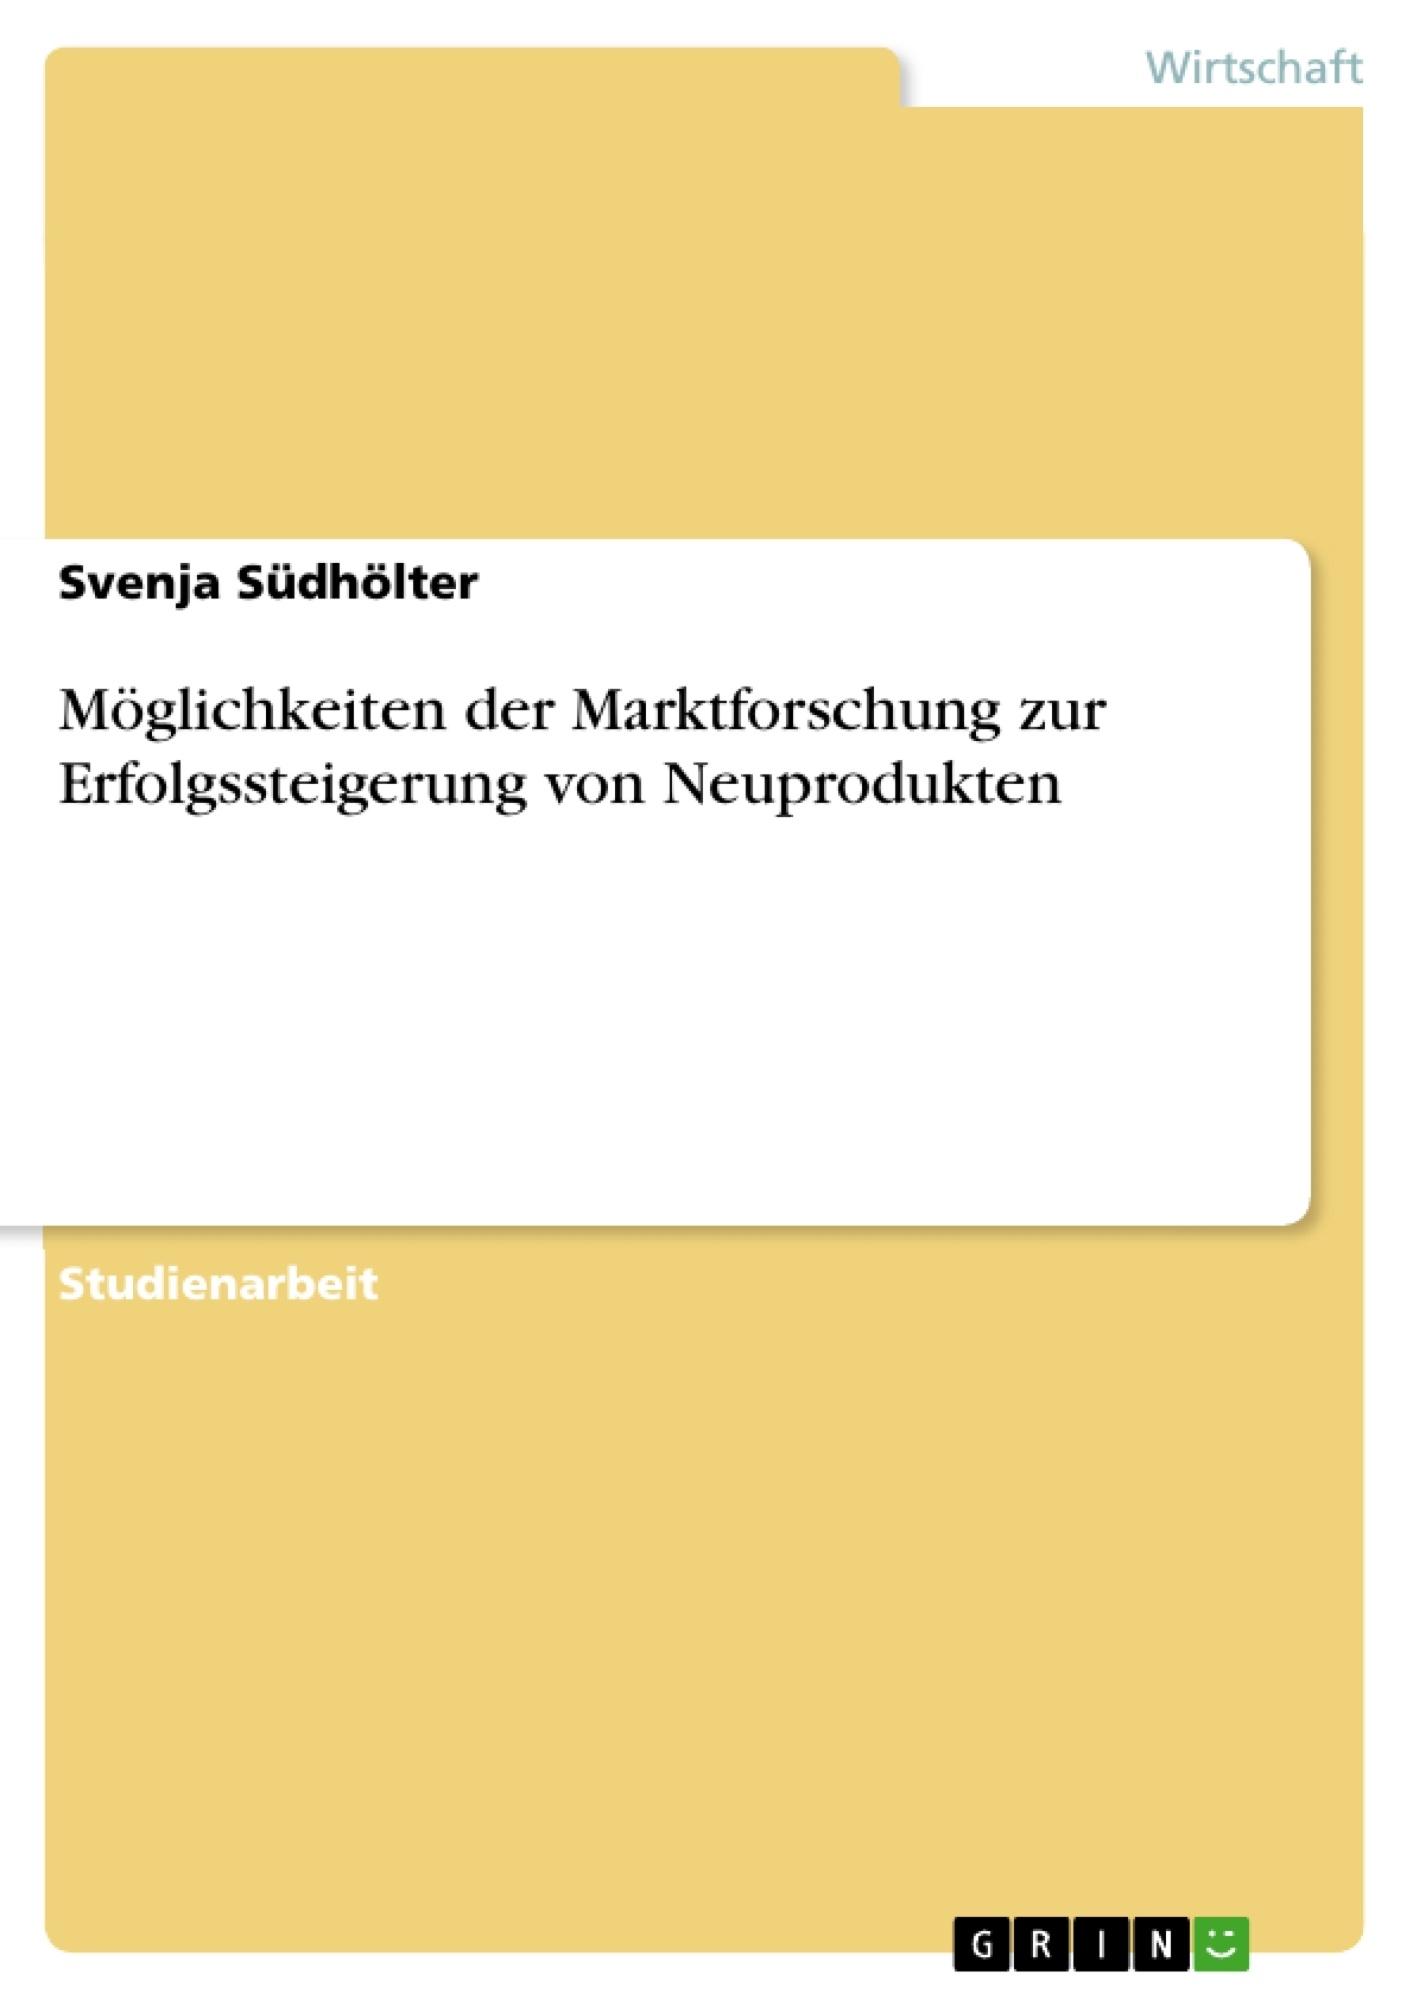 Titel: Möglichkeiten der Marktforschung zur Erfolgssteigerung von Neuprodukten